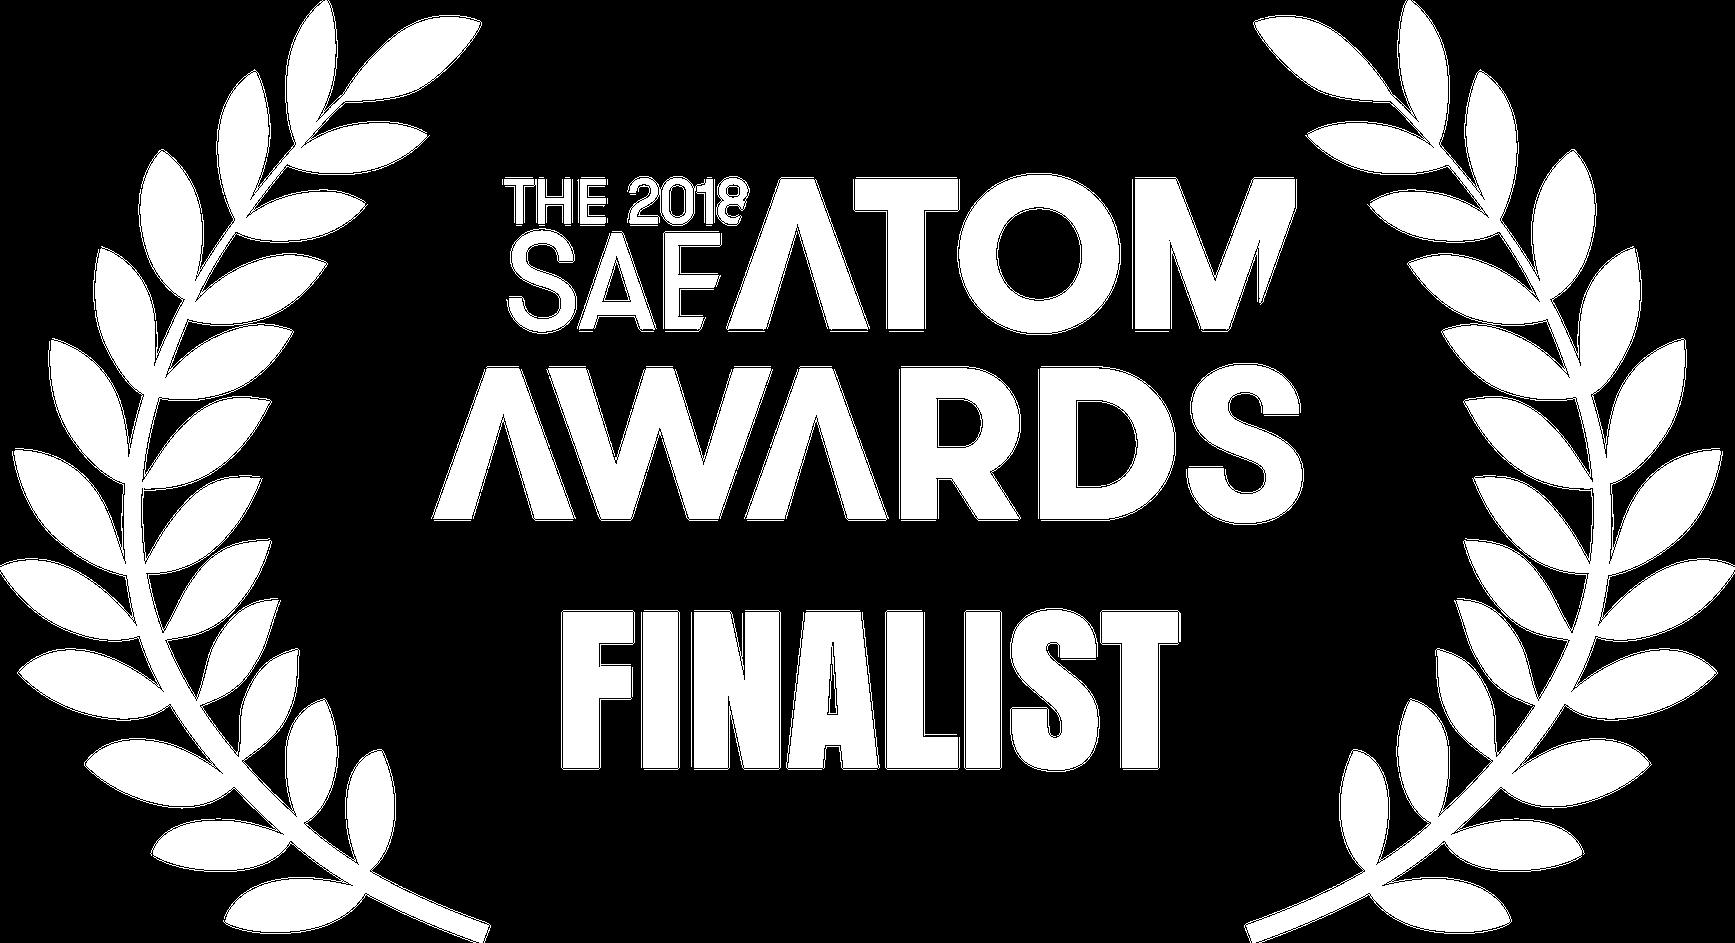 2018 SAE ATOM Awards - finalist laurel (white).png